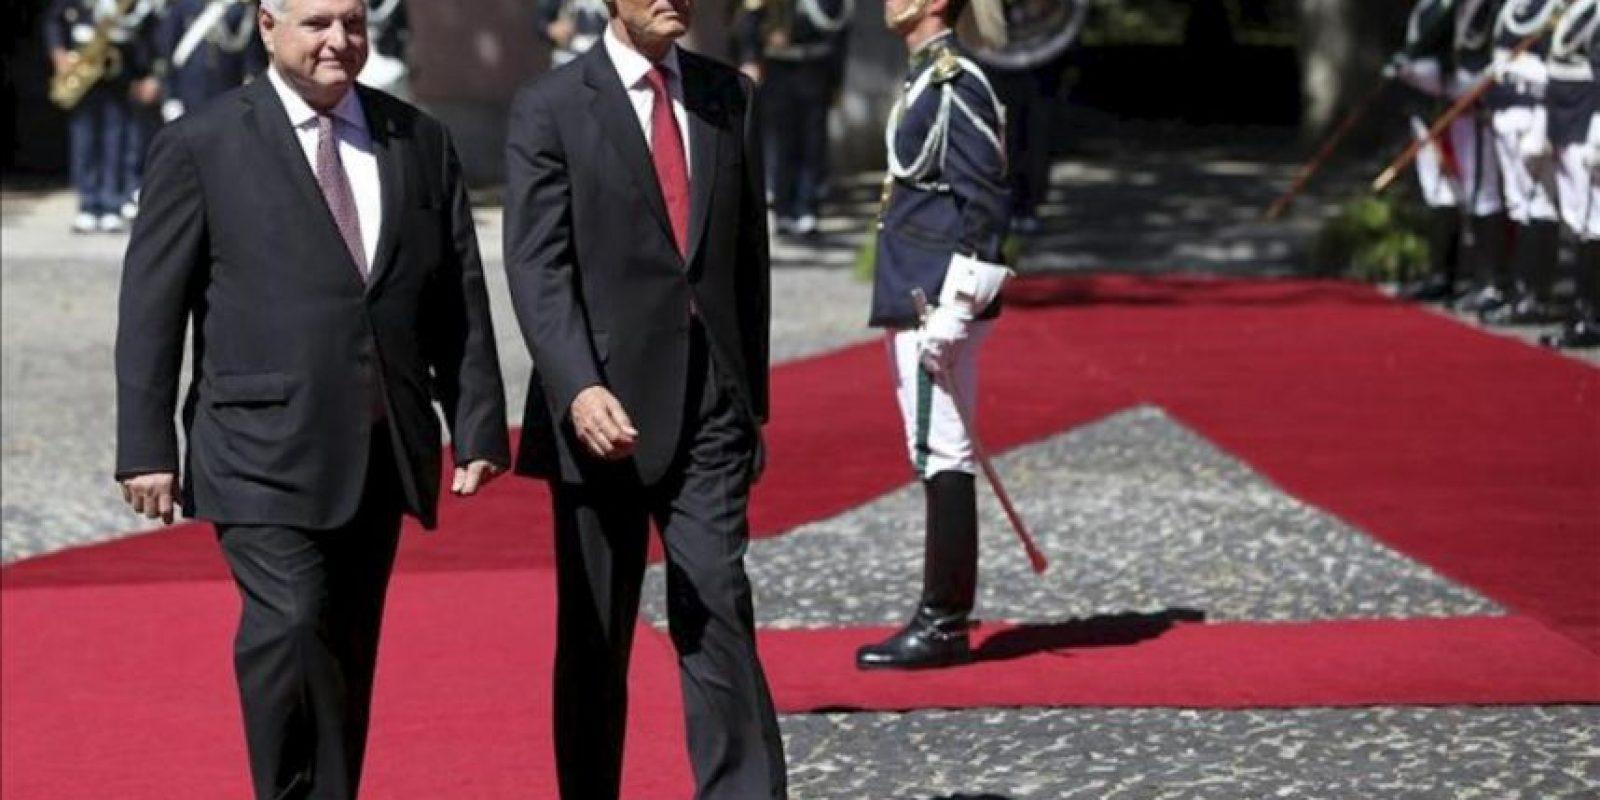 El presidente luso, Aníbal Cavaco Silva (dcha), recibe a su homólogo panameño, Ricardo Martinelli (izda), en el Palacio de Belem en Lisboa (Portugal). EFE